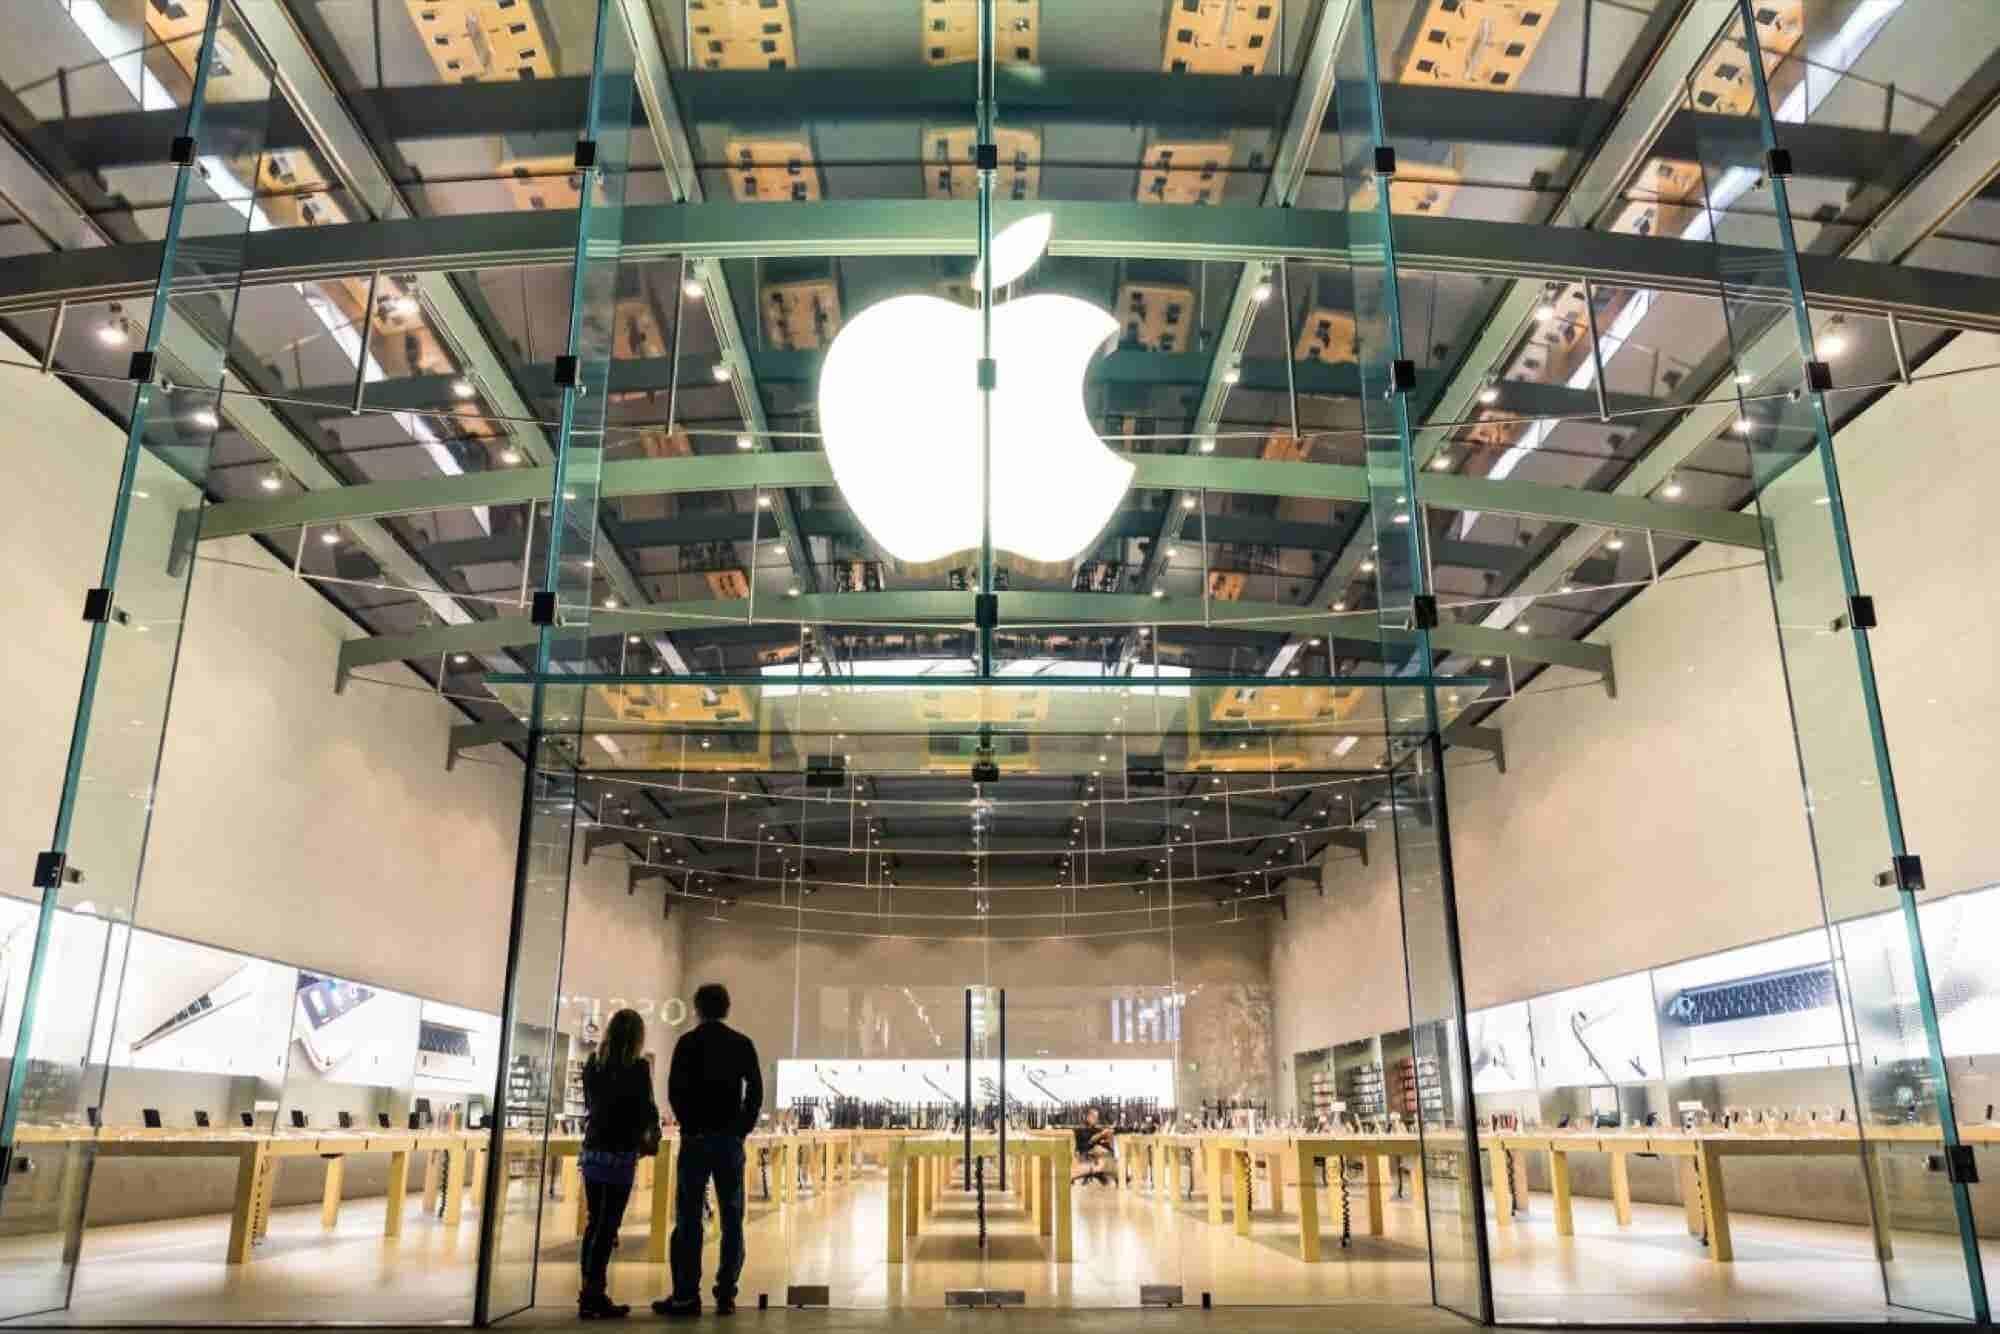 23 preguntas que Apple hace en sus entrevistas